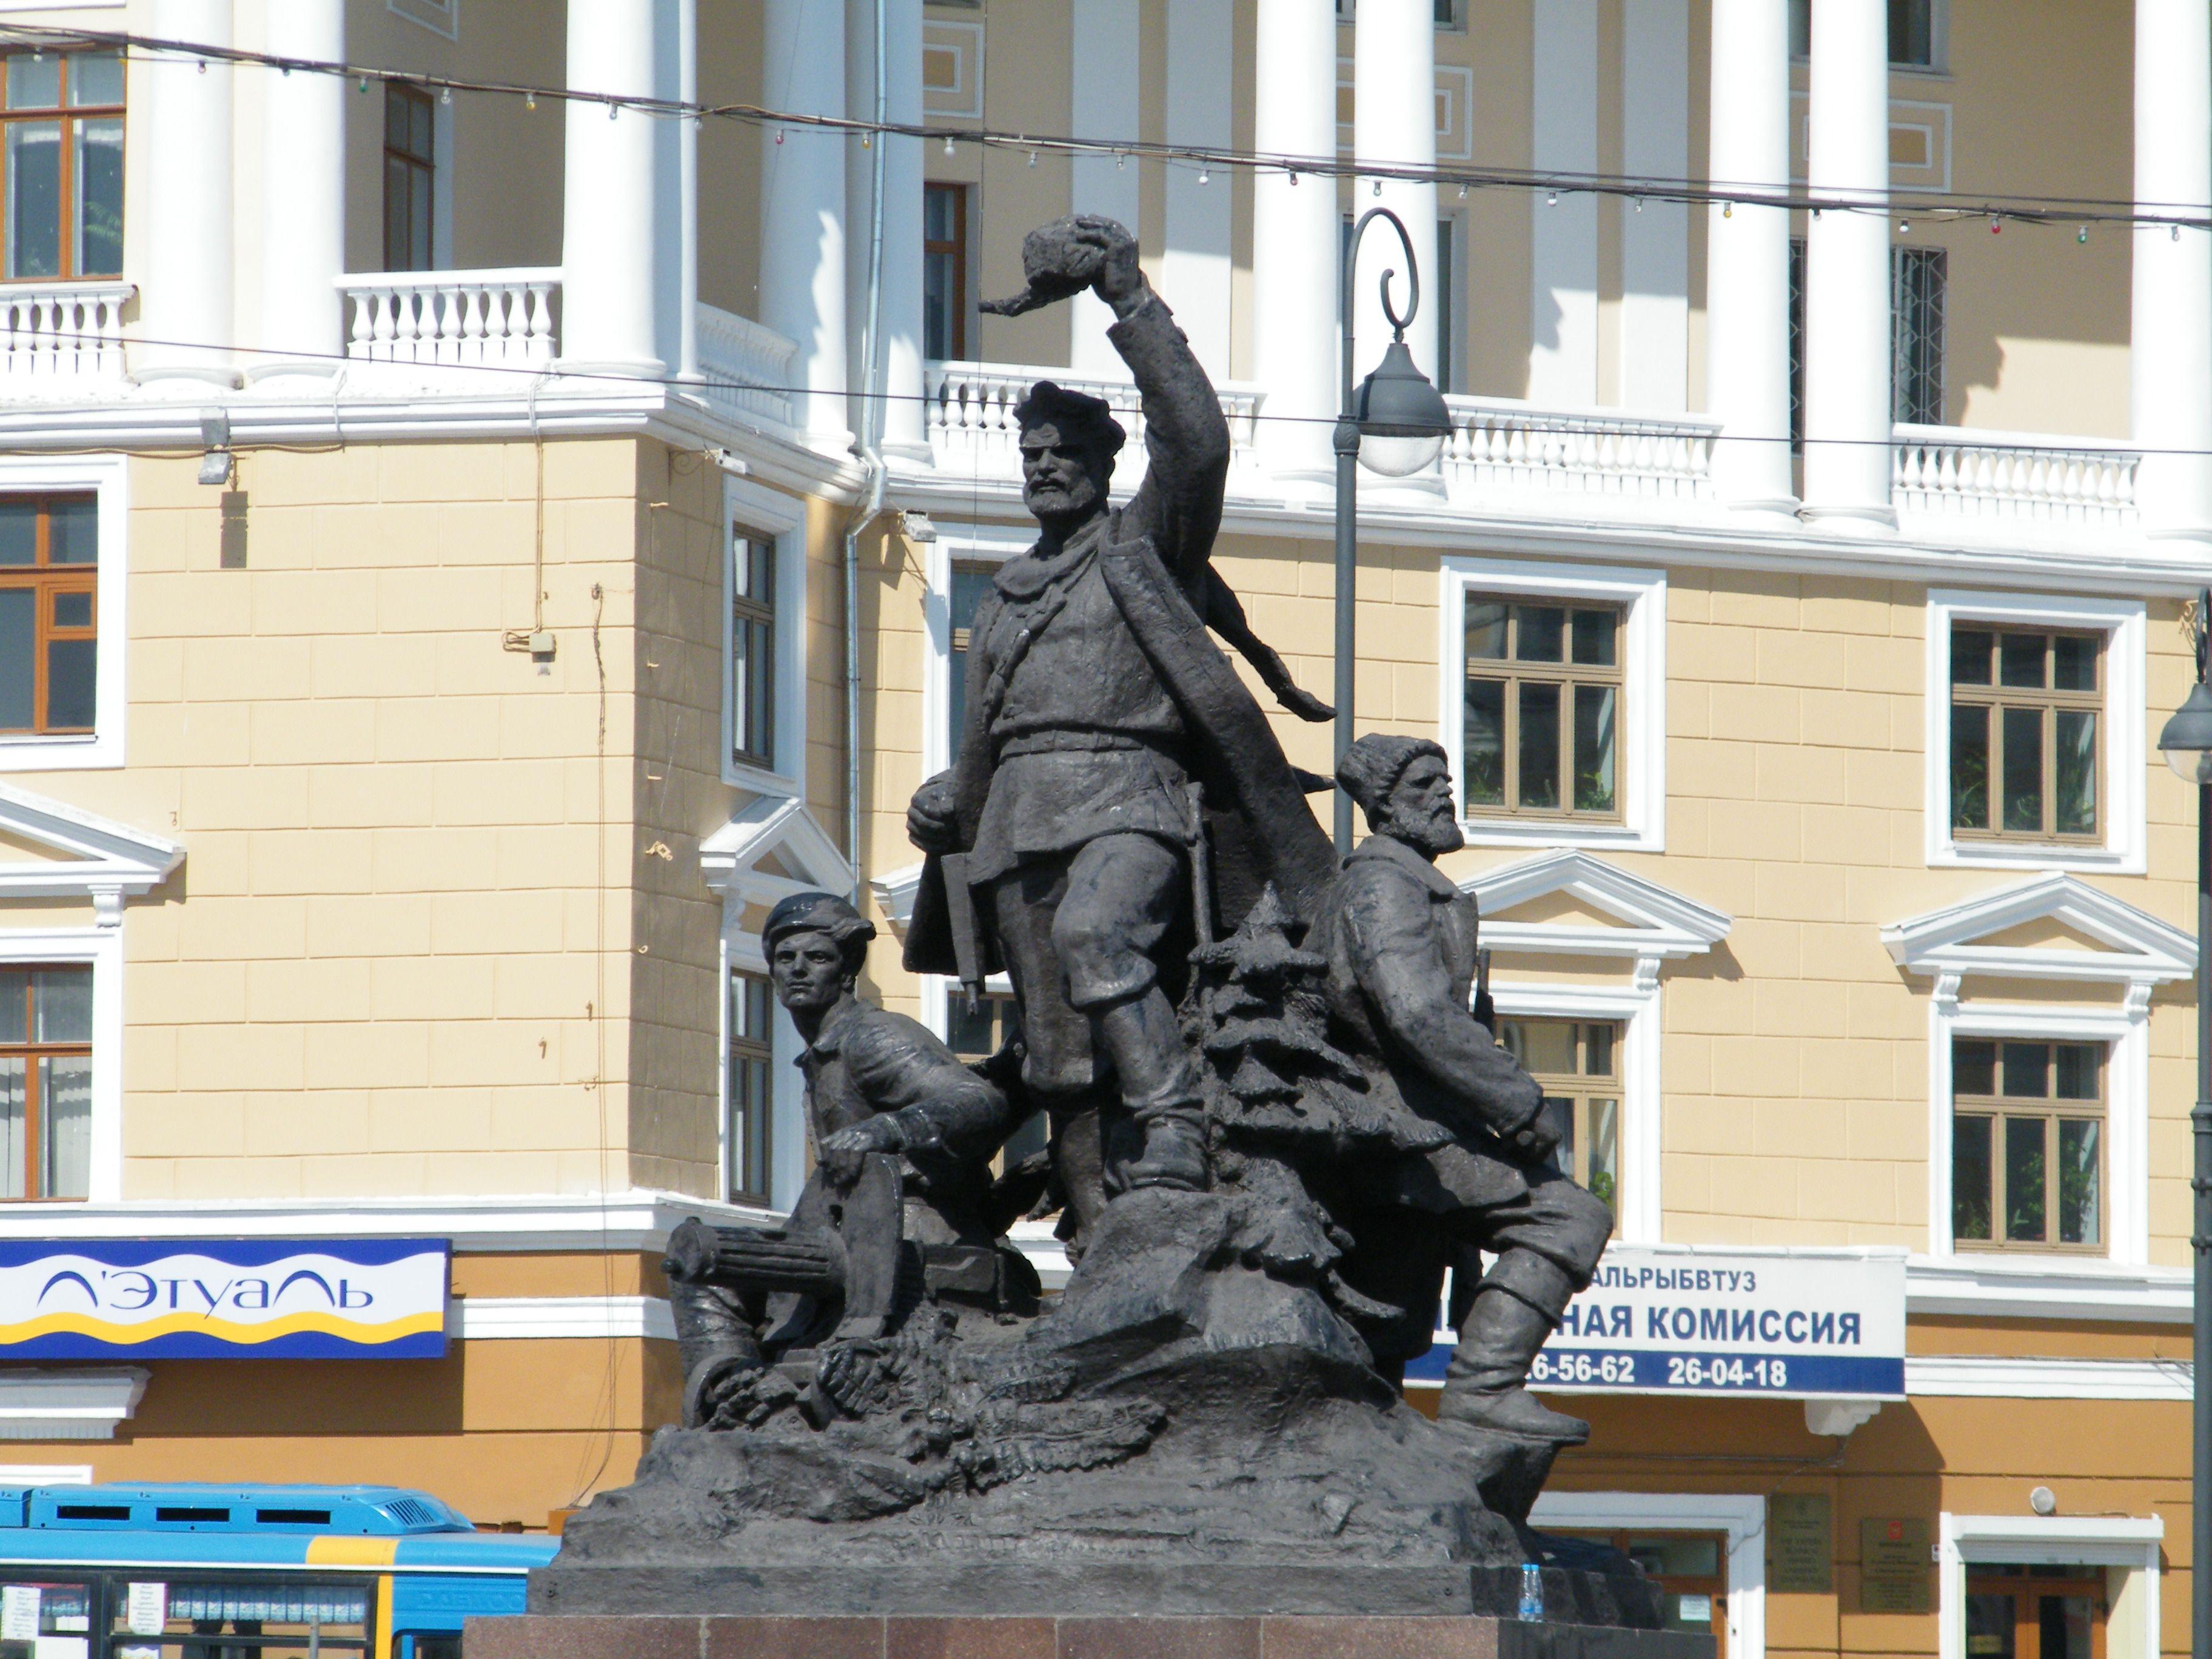 вилка изготовлена памятники владивостока фото с описанием стали первыми итогам